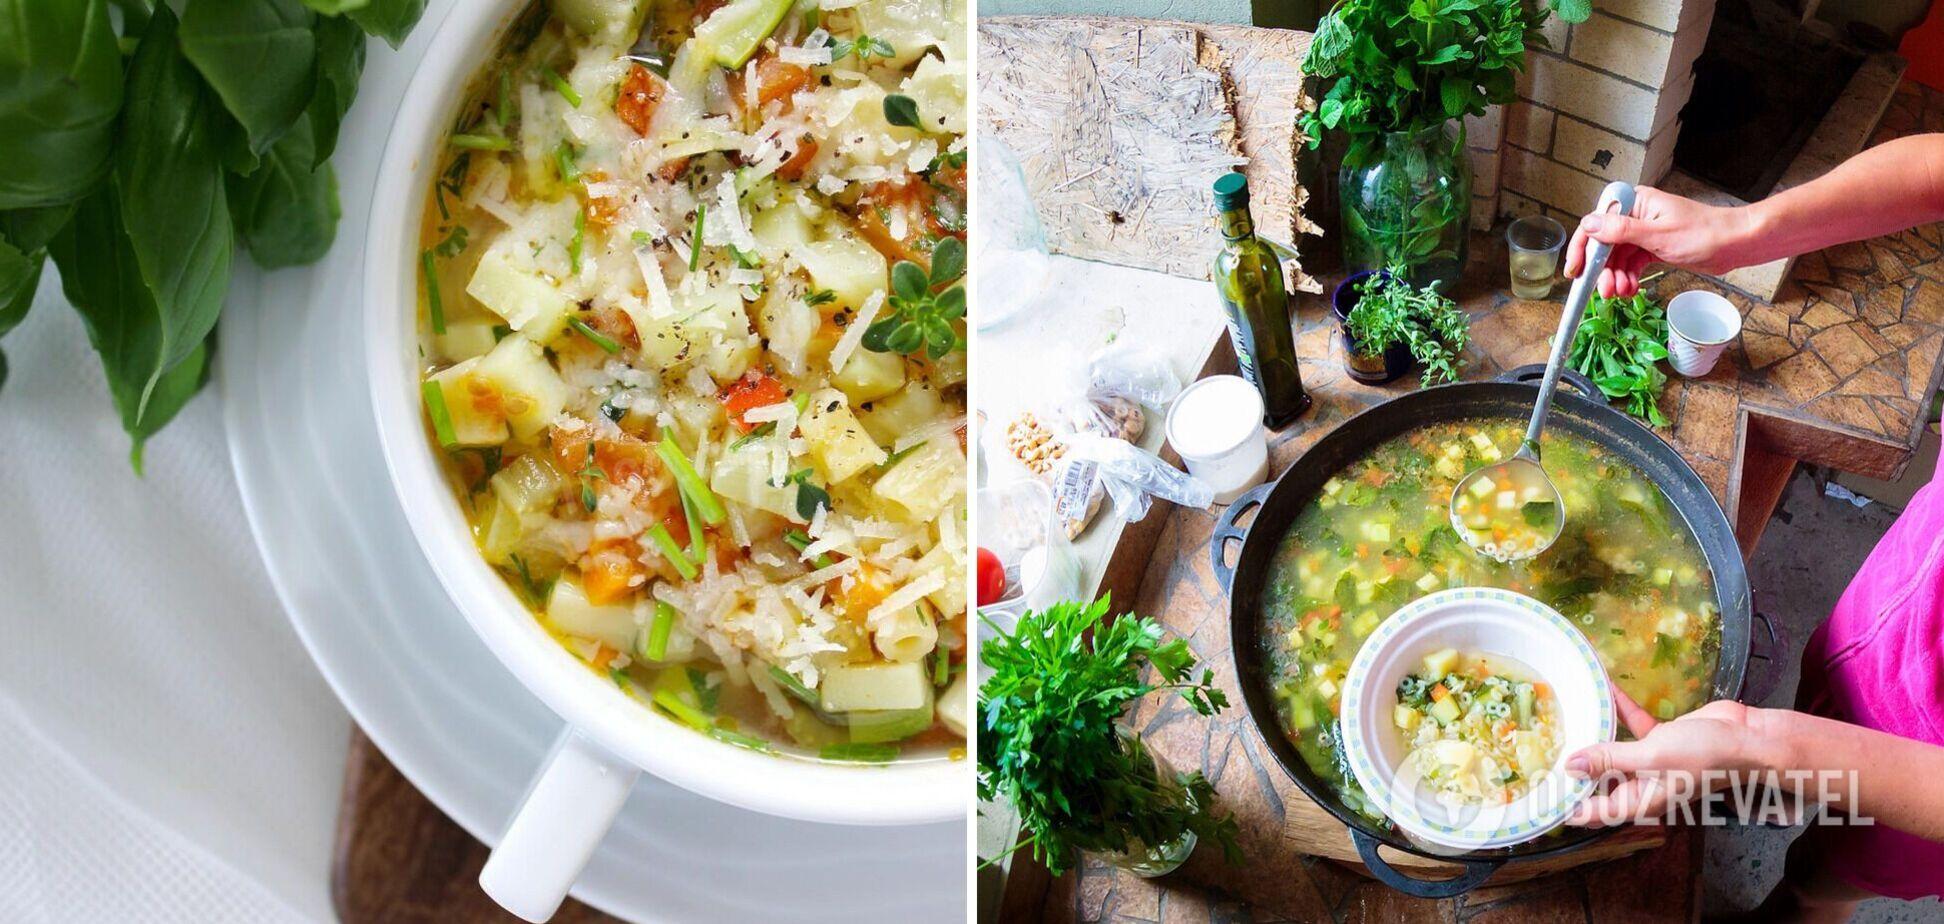 Як приготувати суп мінестроне: секретний інгредієнт та особливості